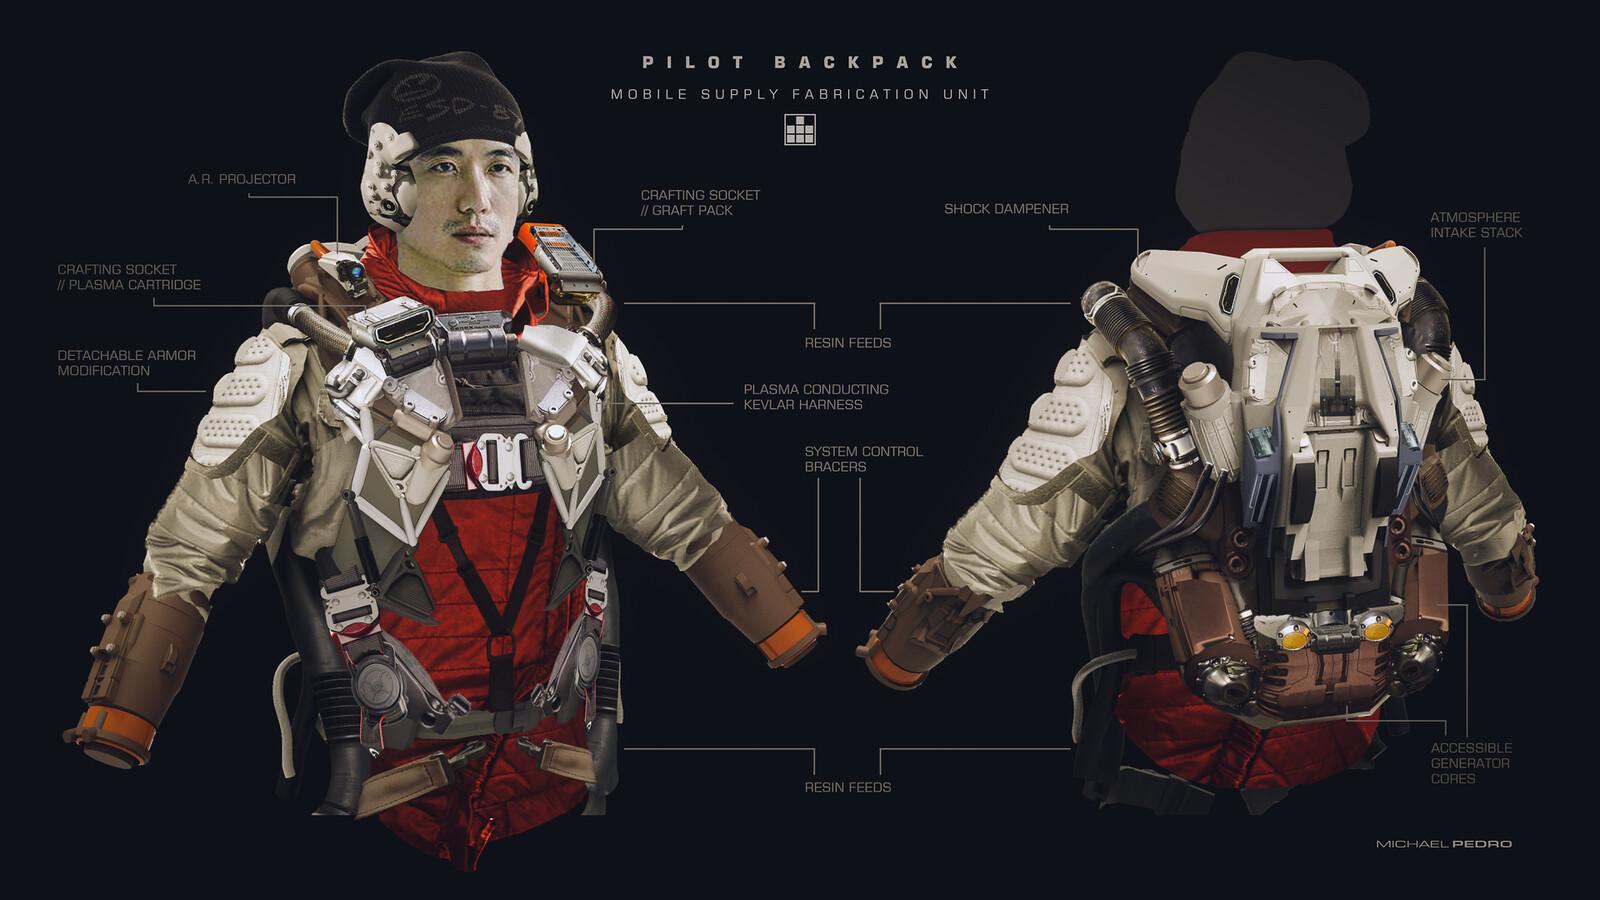 Michael Pedro - Futuristic Character Design - 2015